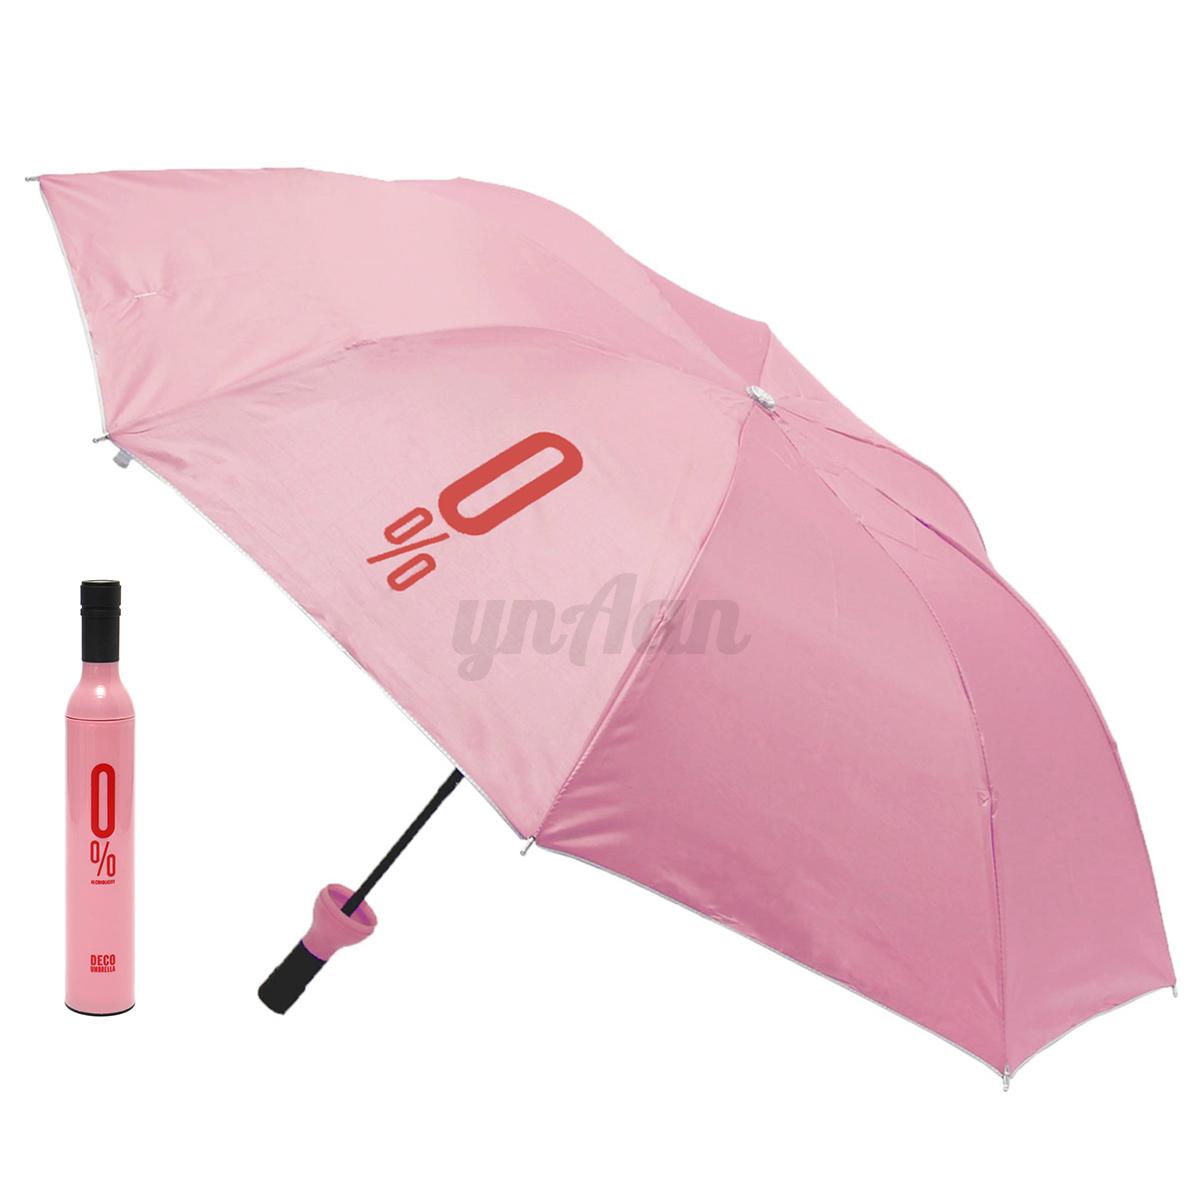 couleur anti vent uv parapluie parasol pliant bouteille vin femme homme portable ebay. Black Bedroom Furniture Sets. Home Design Ideas